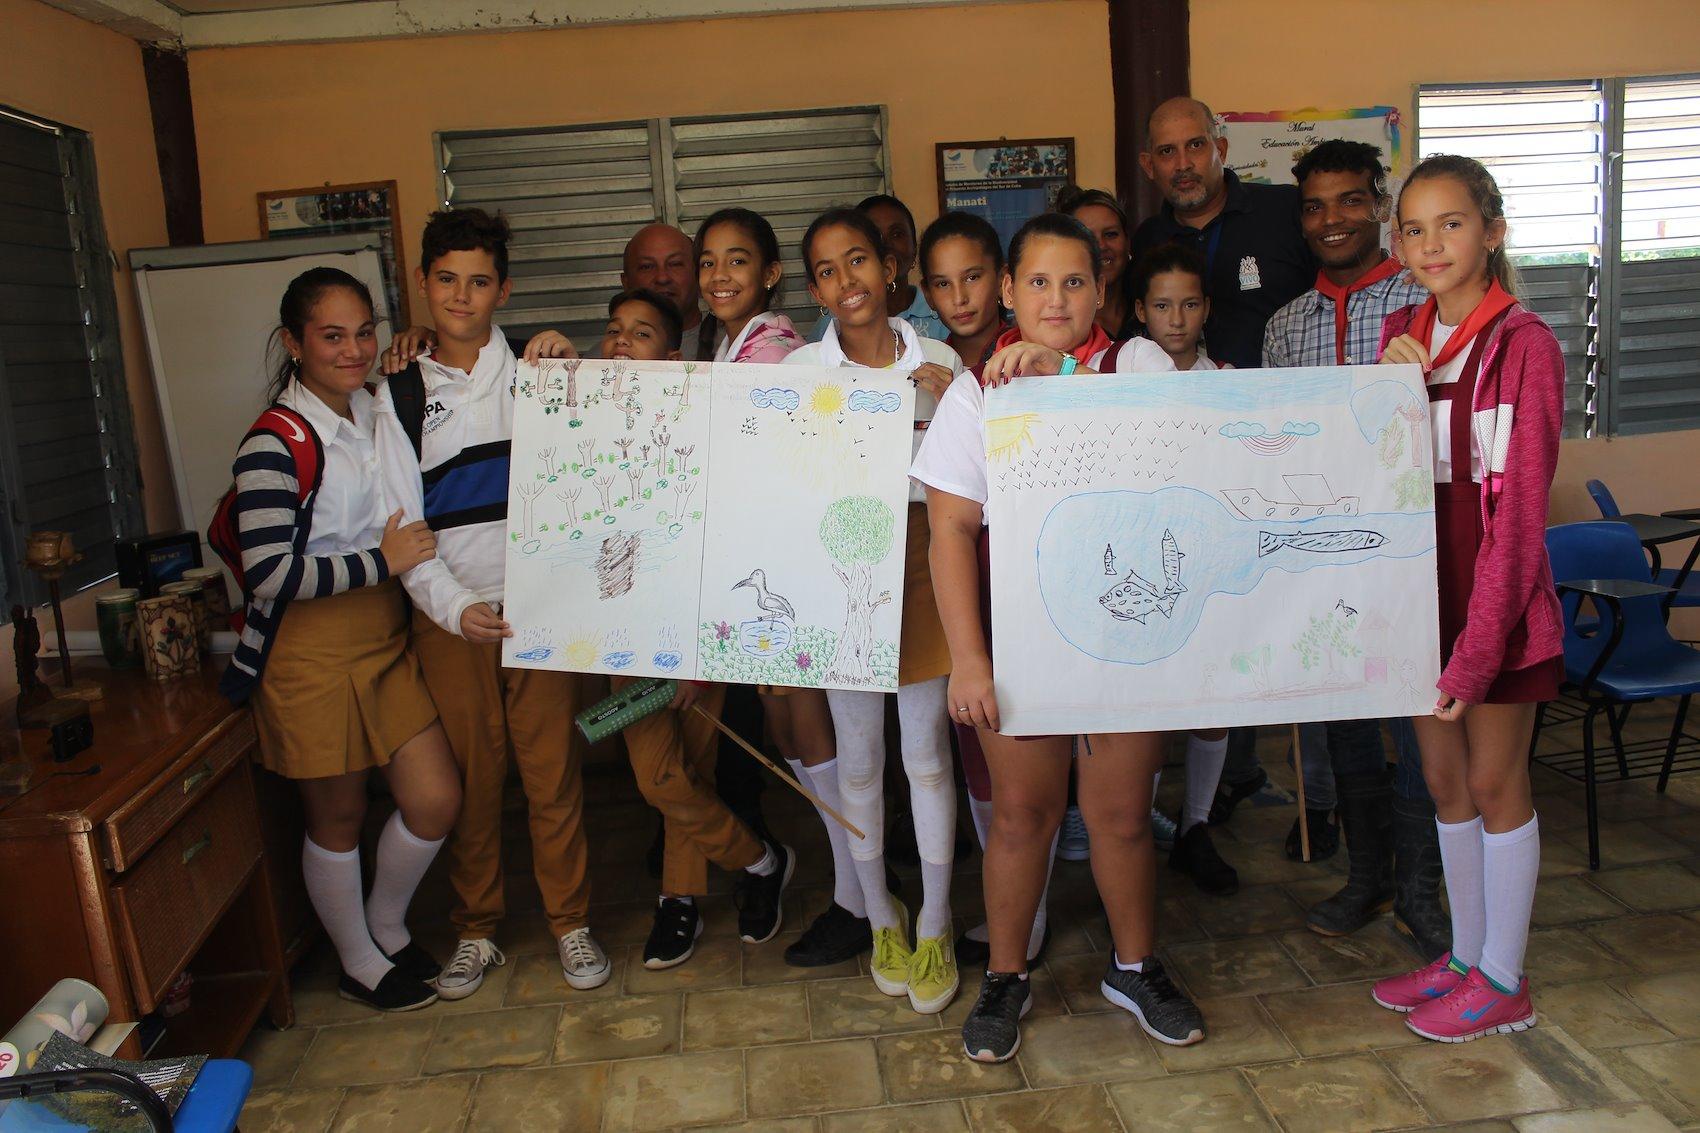 Trabajo con escuelas como parte del Día de los Humedales 2019 / Crédito de la foto: Proyecto Manglar Vivo, PNUD Cuba